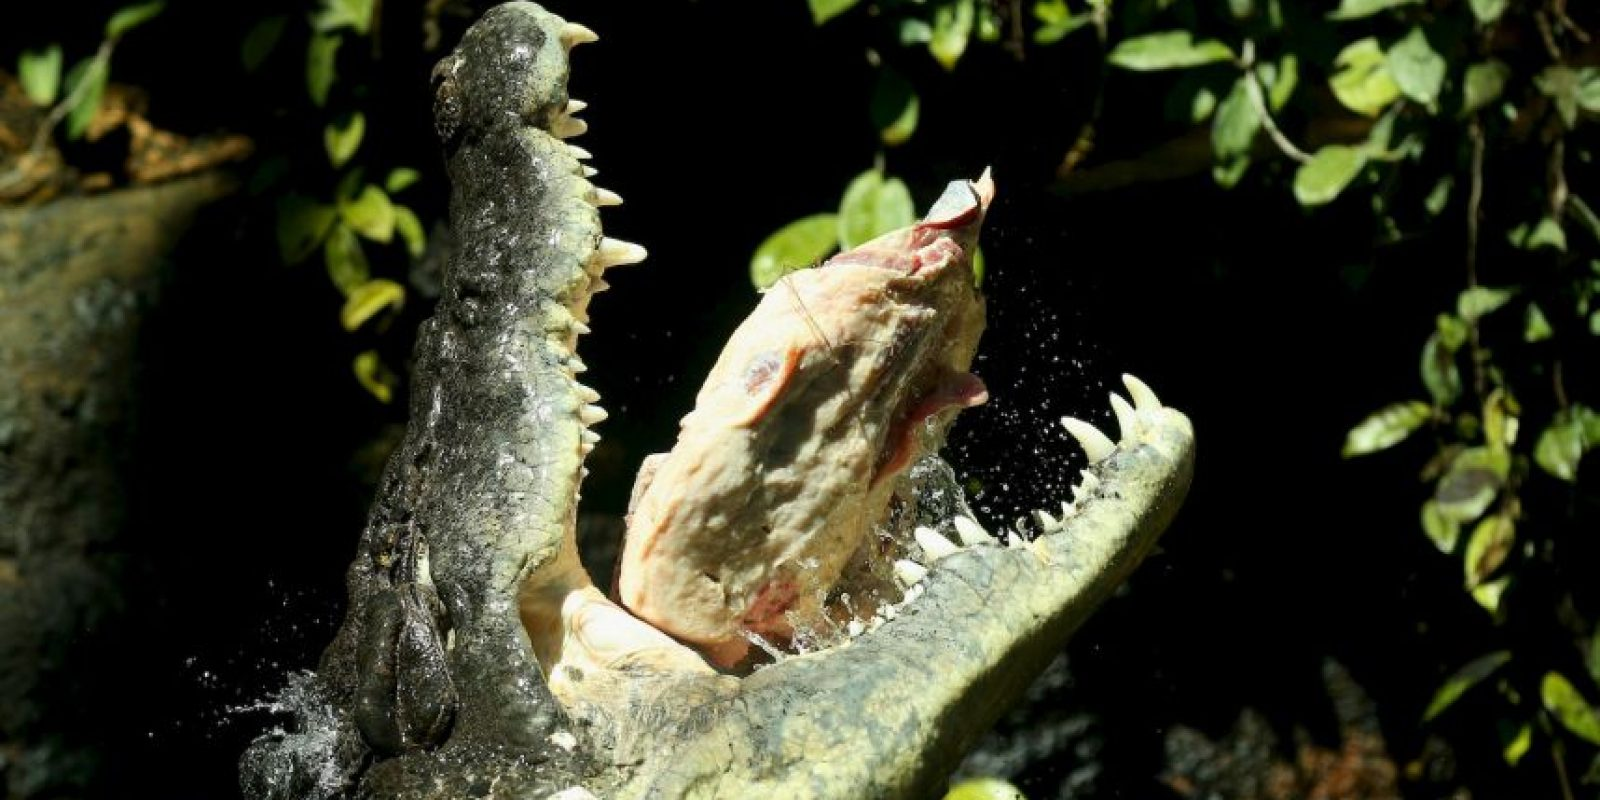 El registro del cocodrilo más grande capturado era de 4,27 metros (14 pies, 3 y media pulgadas) de largo, en el lago Washington. Foto:Getty Images